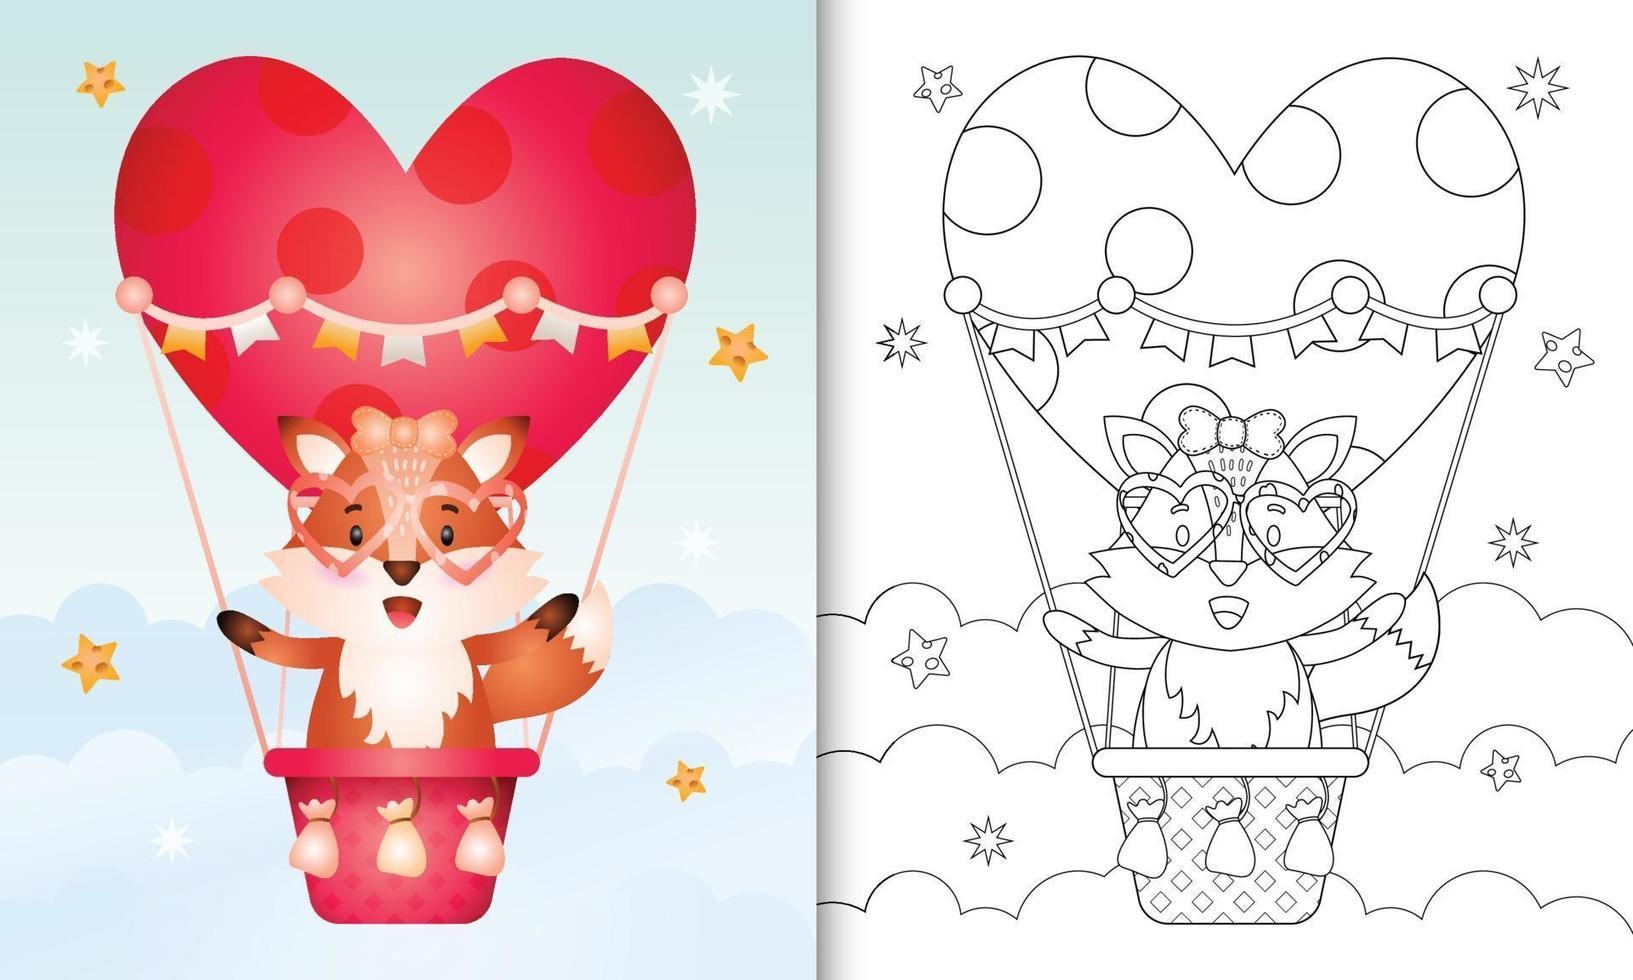 Malbuch für Kinder mit einer niedlichen Fuchsfrau am Heißluftballon lieben themenorientierten Valentinstag vektor